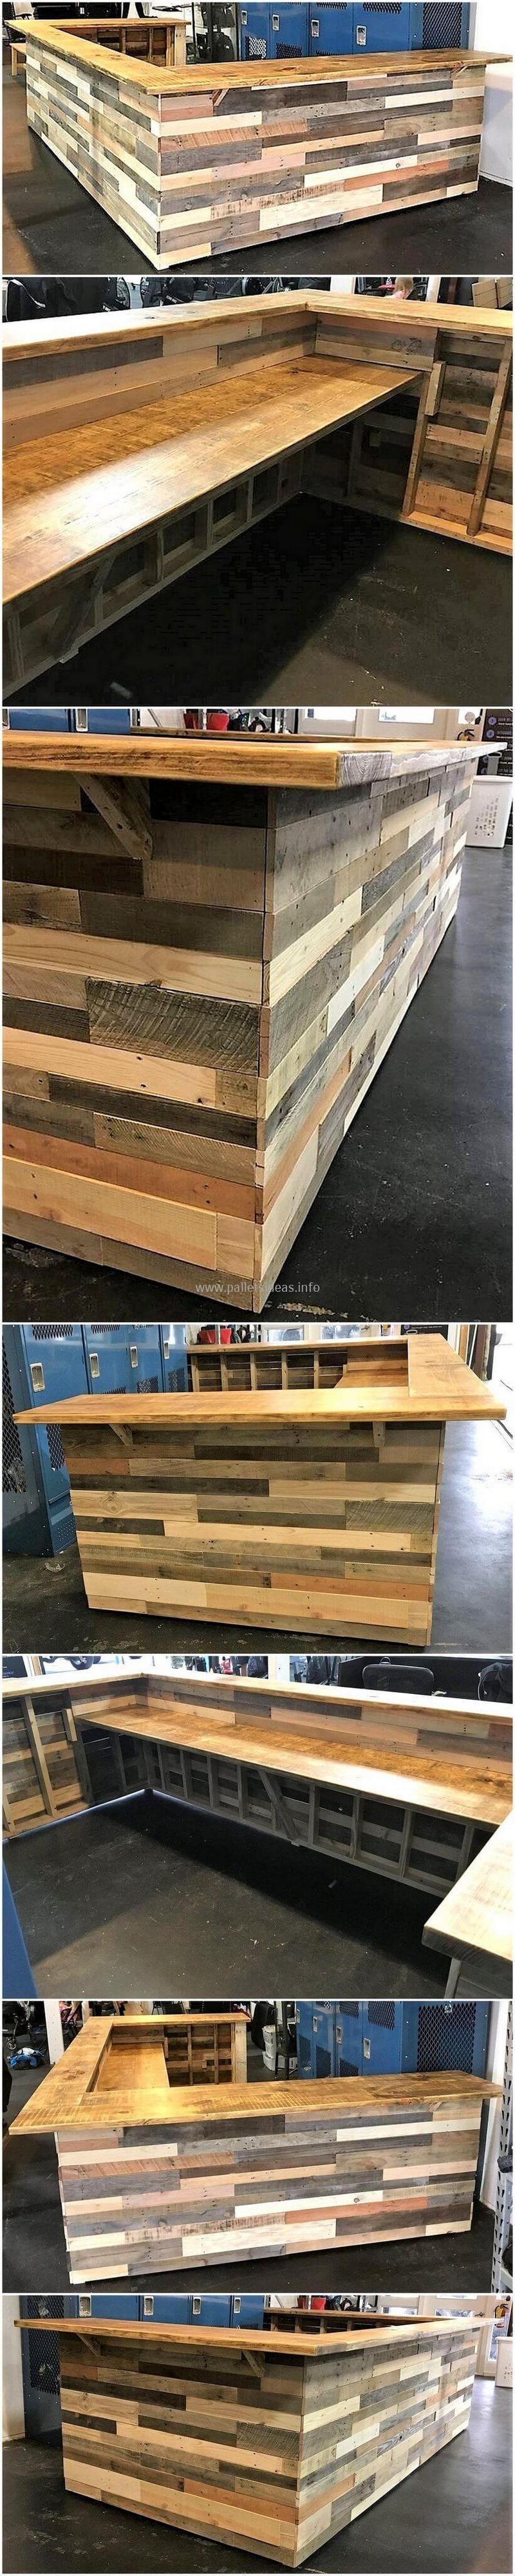 wood pallet bar plan 0